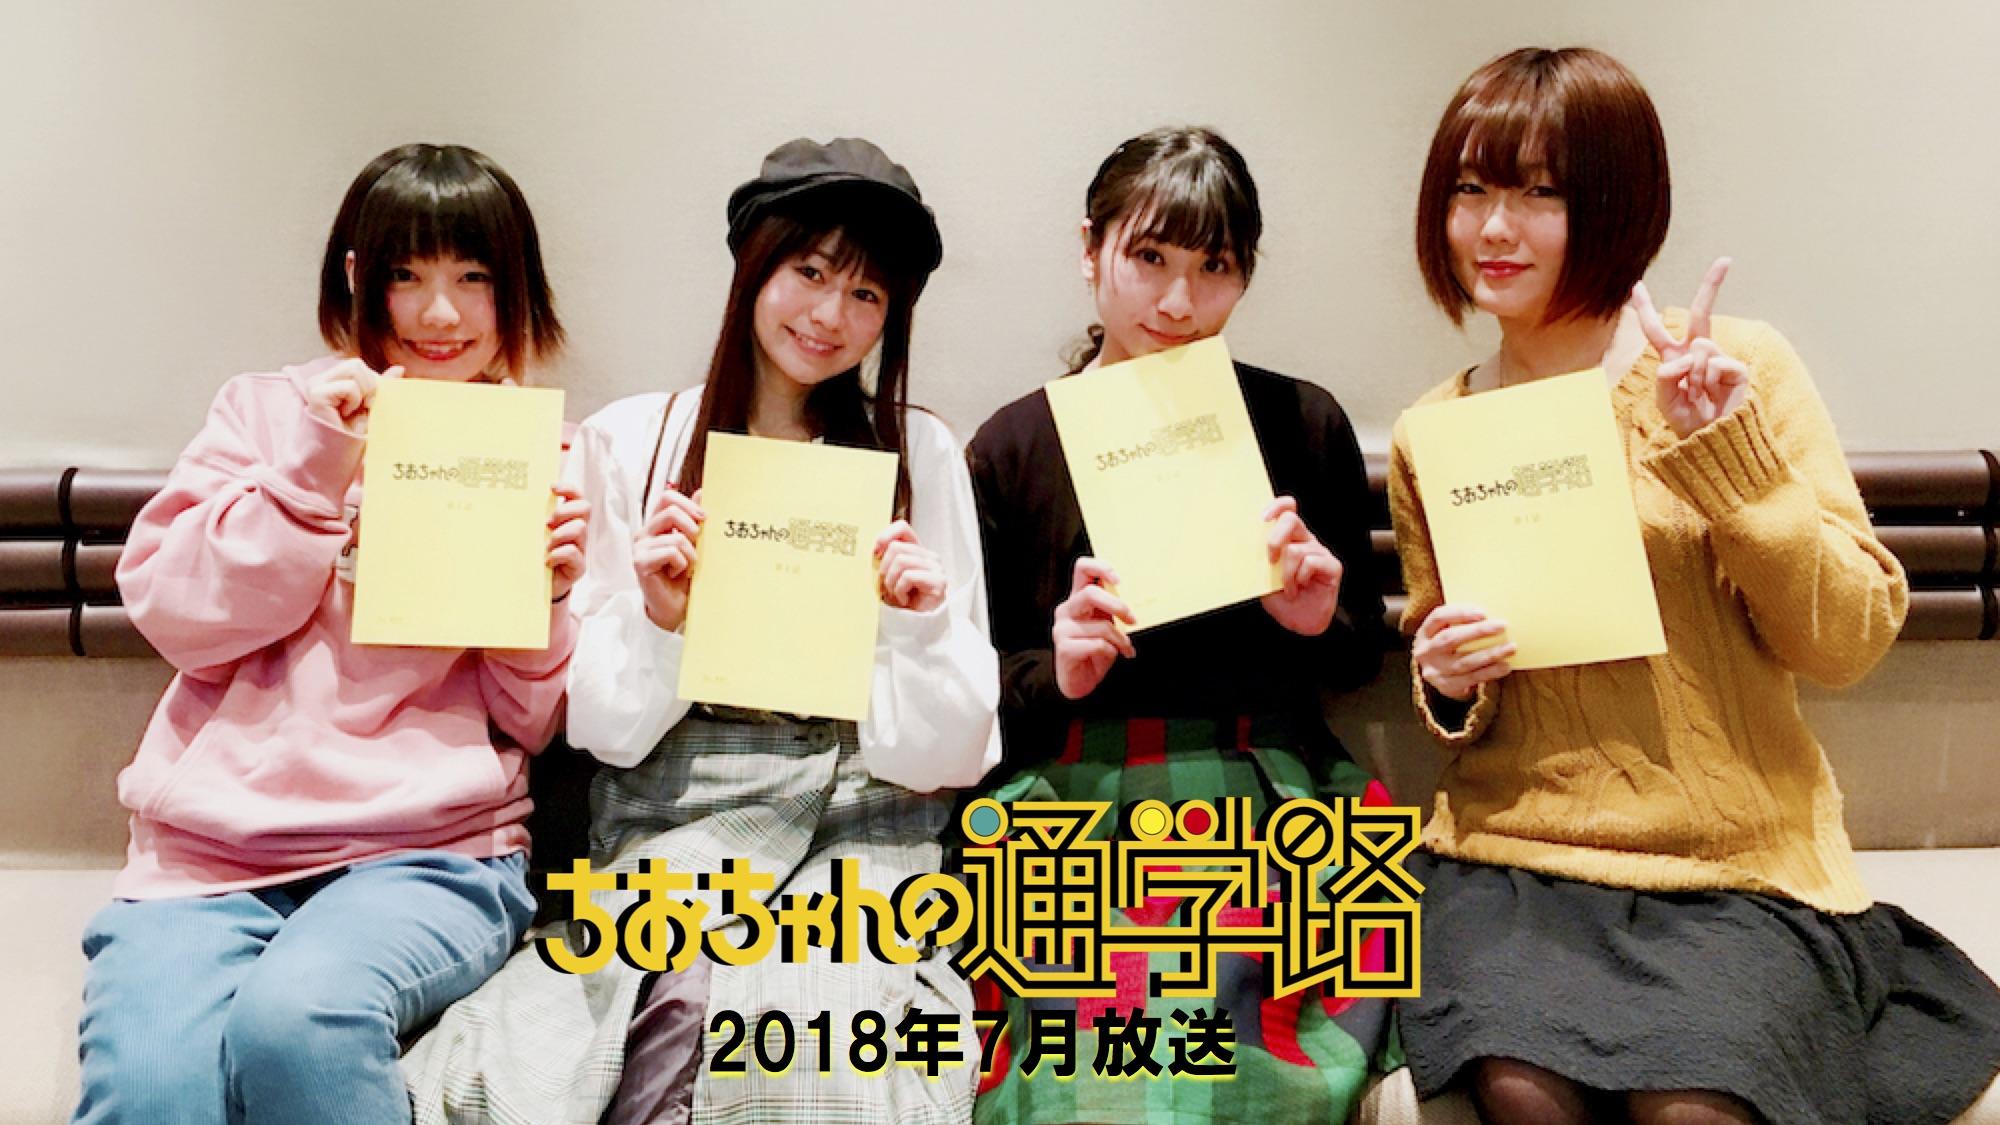 『ちおちゃんの通学路』メイン声優陣からコメント&集合写真が到着!